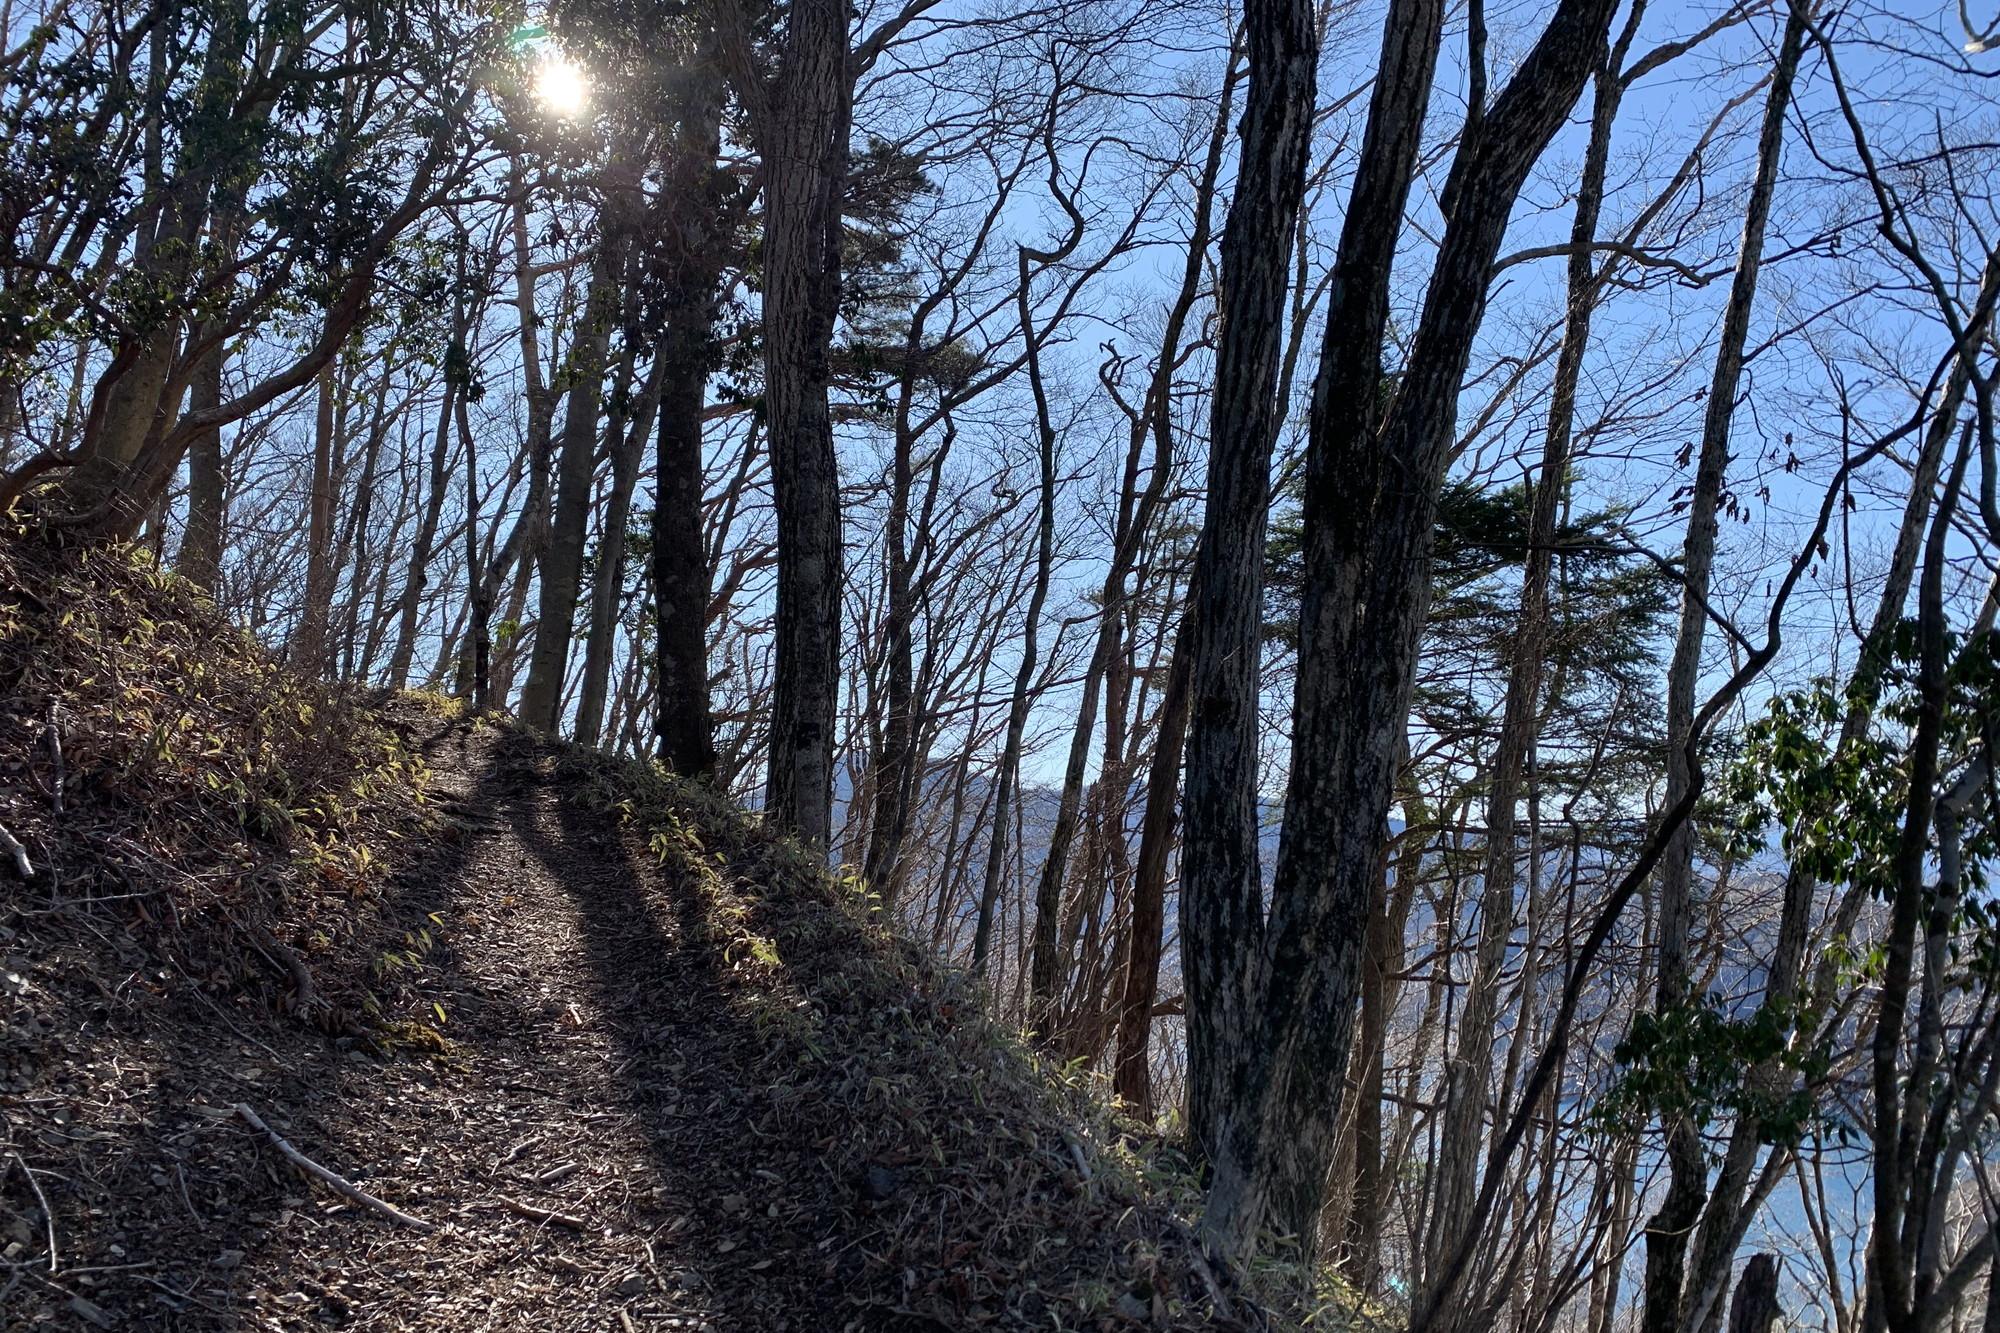 右側が切れ落ちる本栖湖を囲む稜線のトレイル